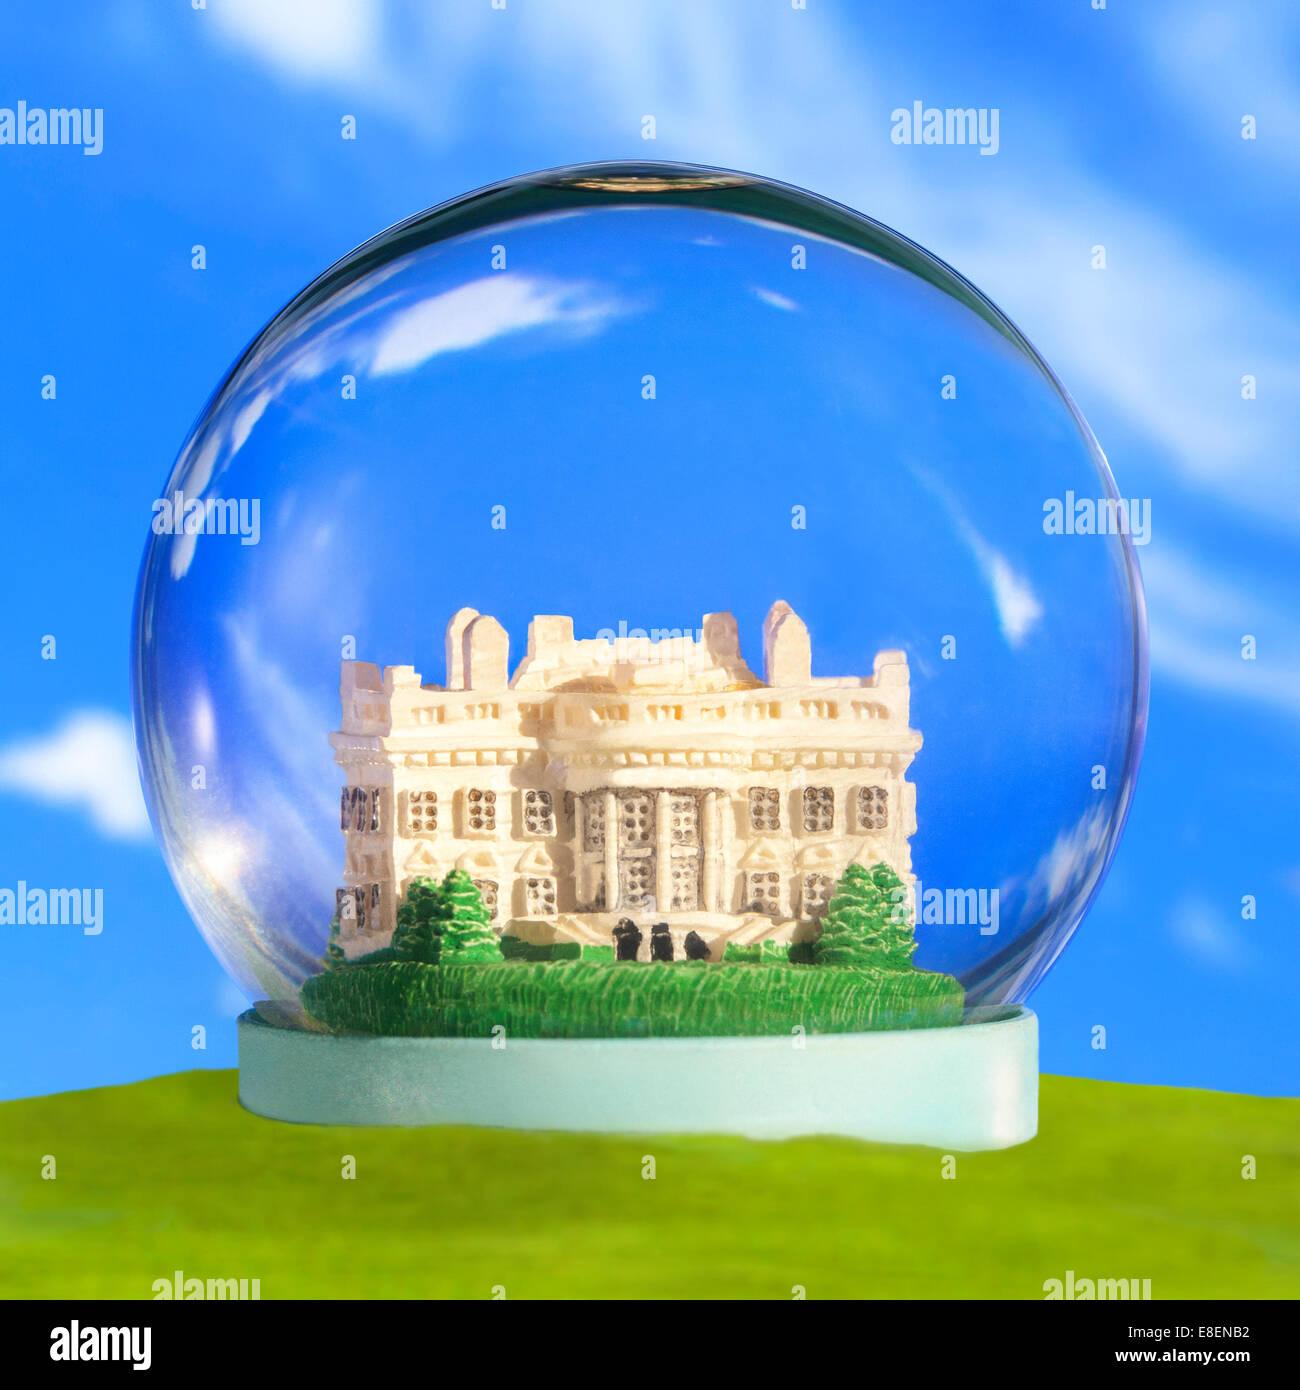 Un Globe de Neige Snow Dome bulle de verre avec la Maison Blanche à Washington DC. Sécurité sécurité Photo Stock